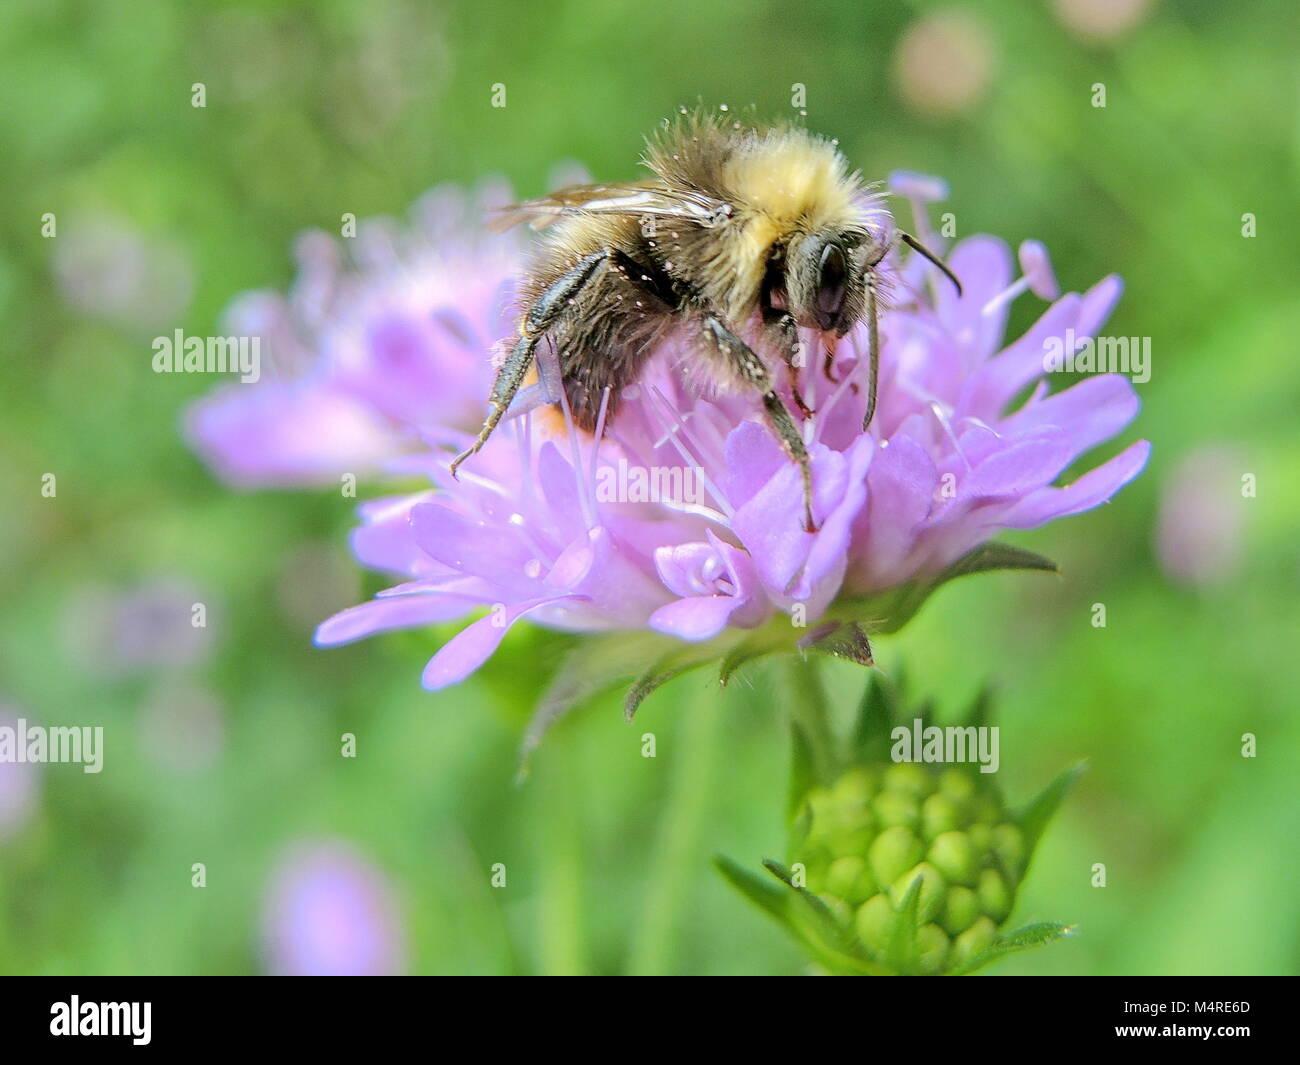 Wild bees 8 - Stock Image